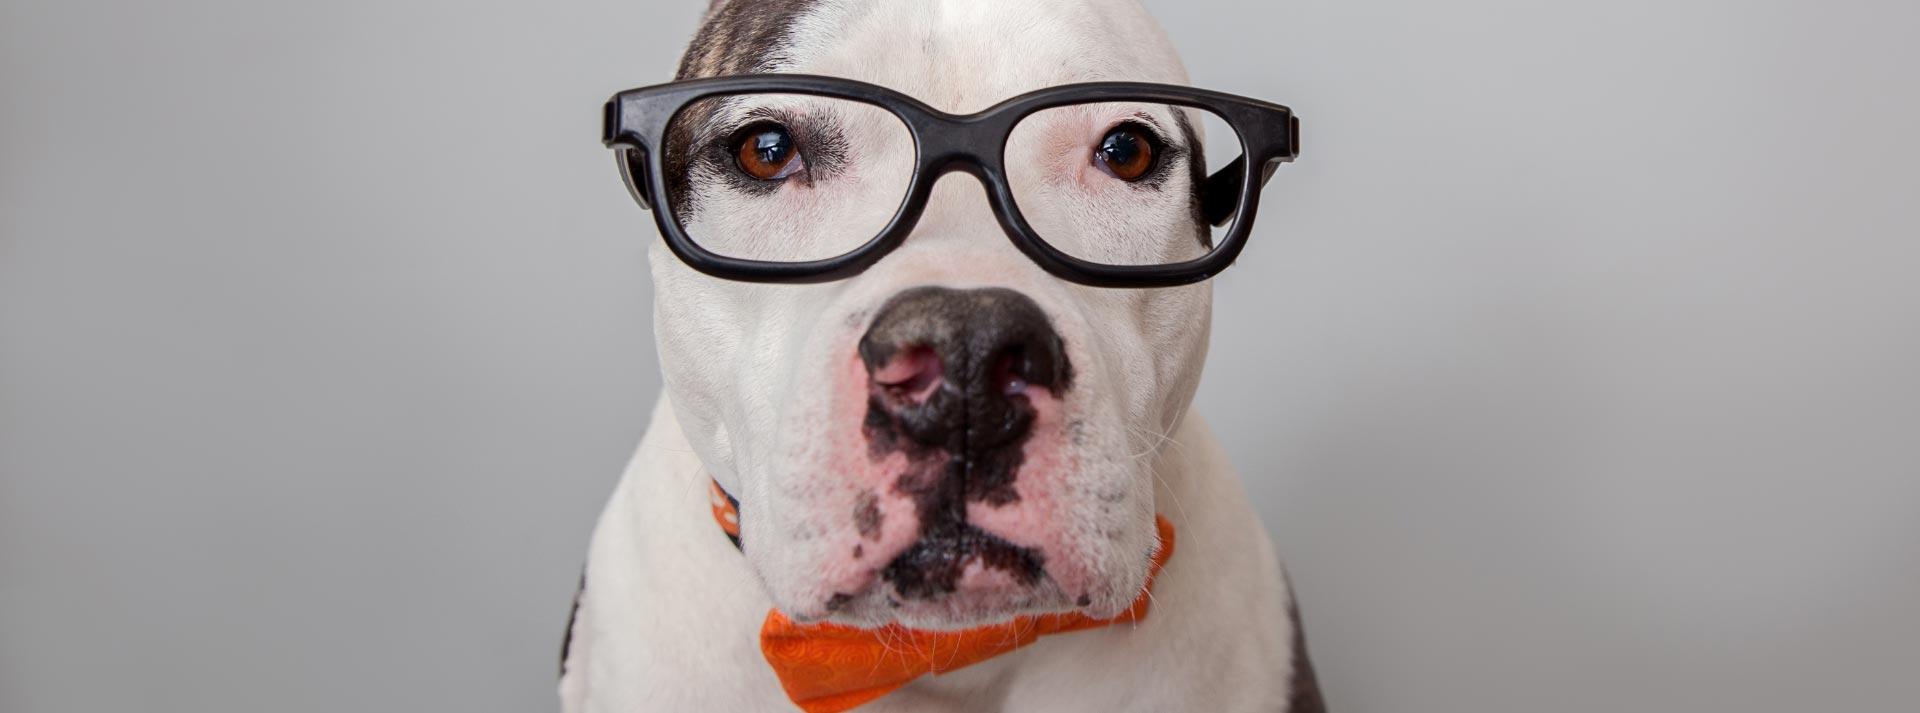 White dog wearing black rimmed glasses